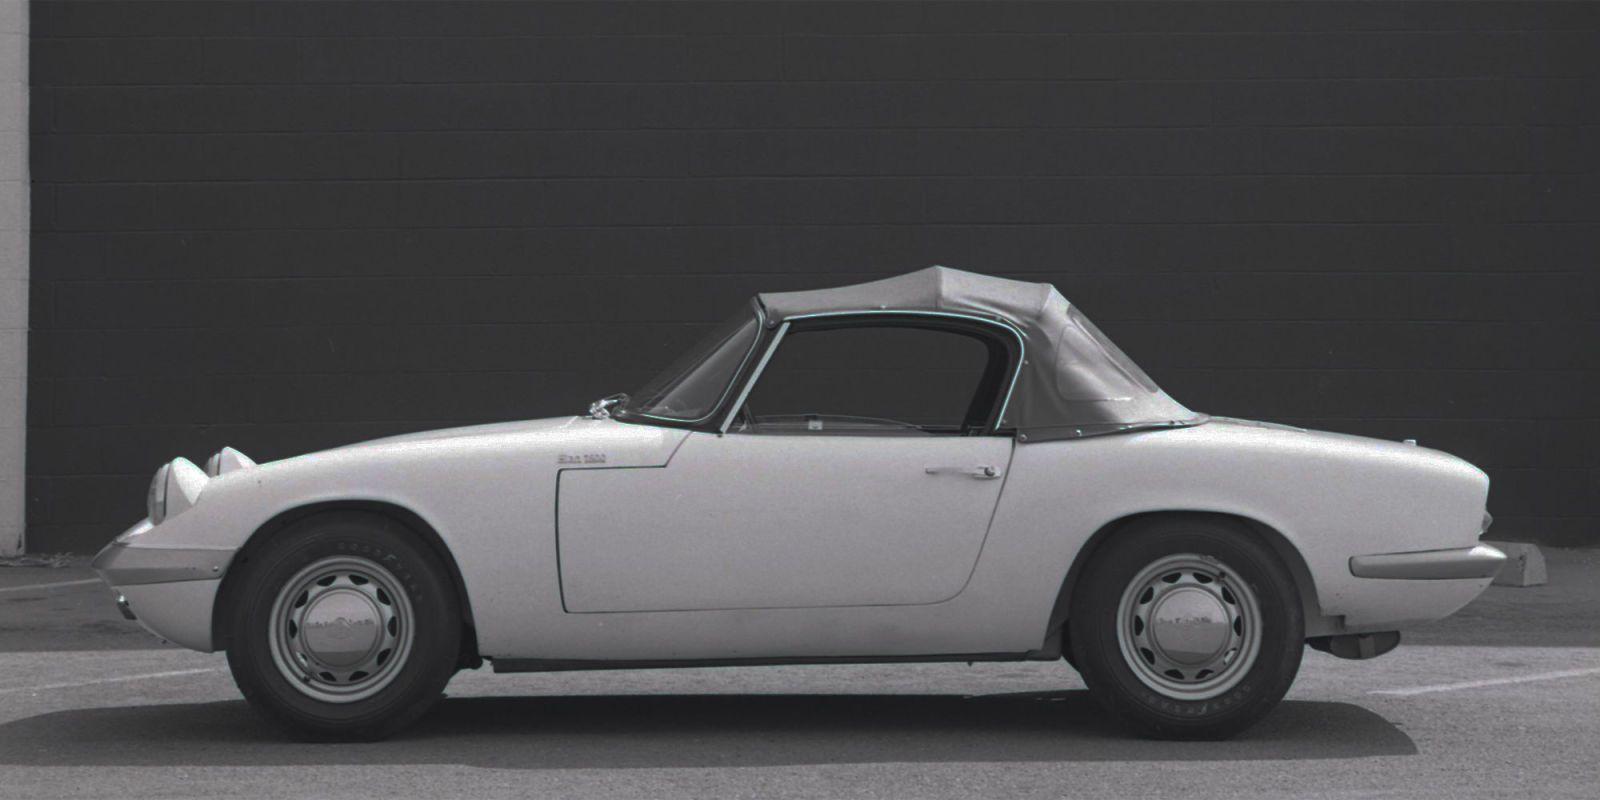 Road Test: 1964 Lotus Elan 1600 | Pinterest | Lotus elan, Lotus and ...